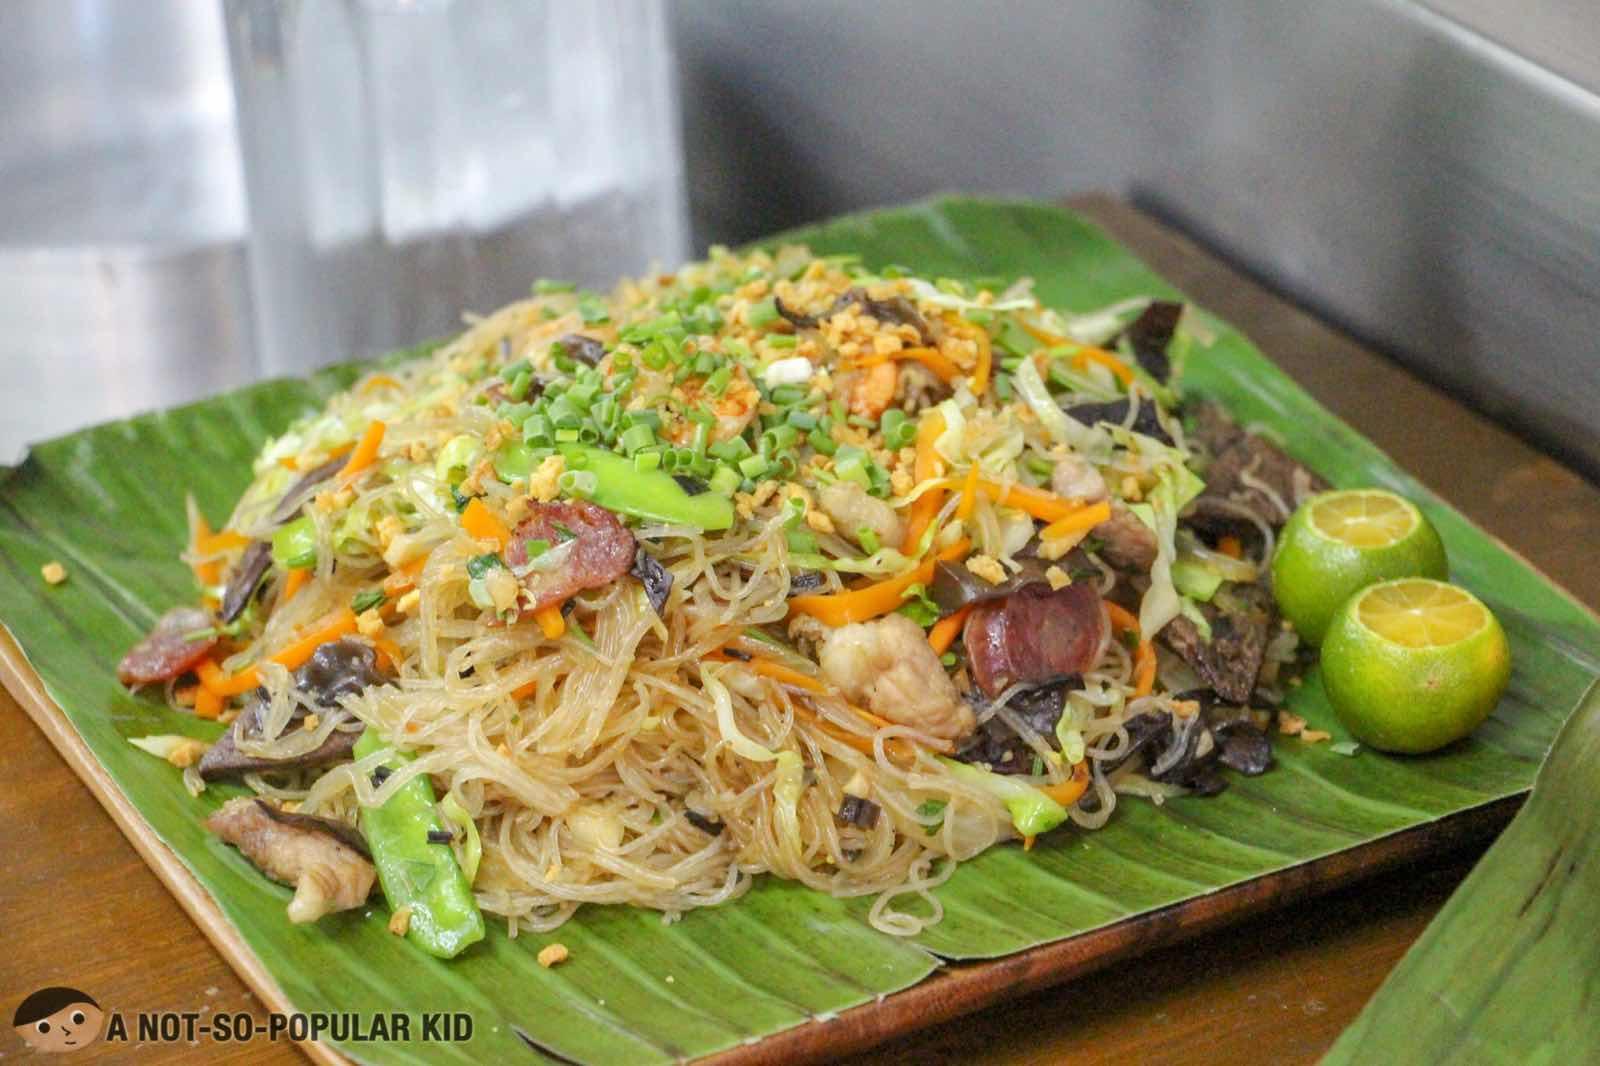 Pancit Guisado - sauteed rice noodles